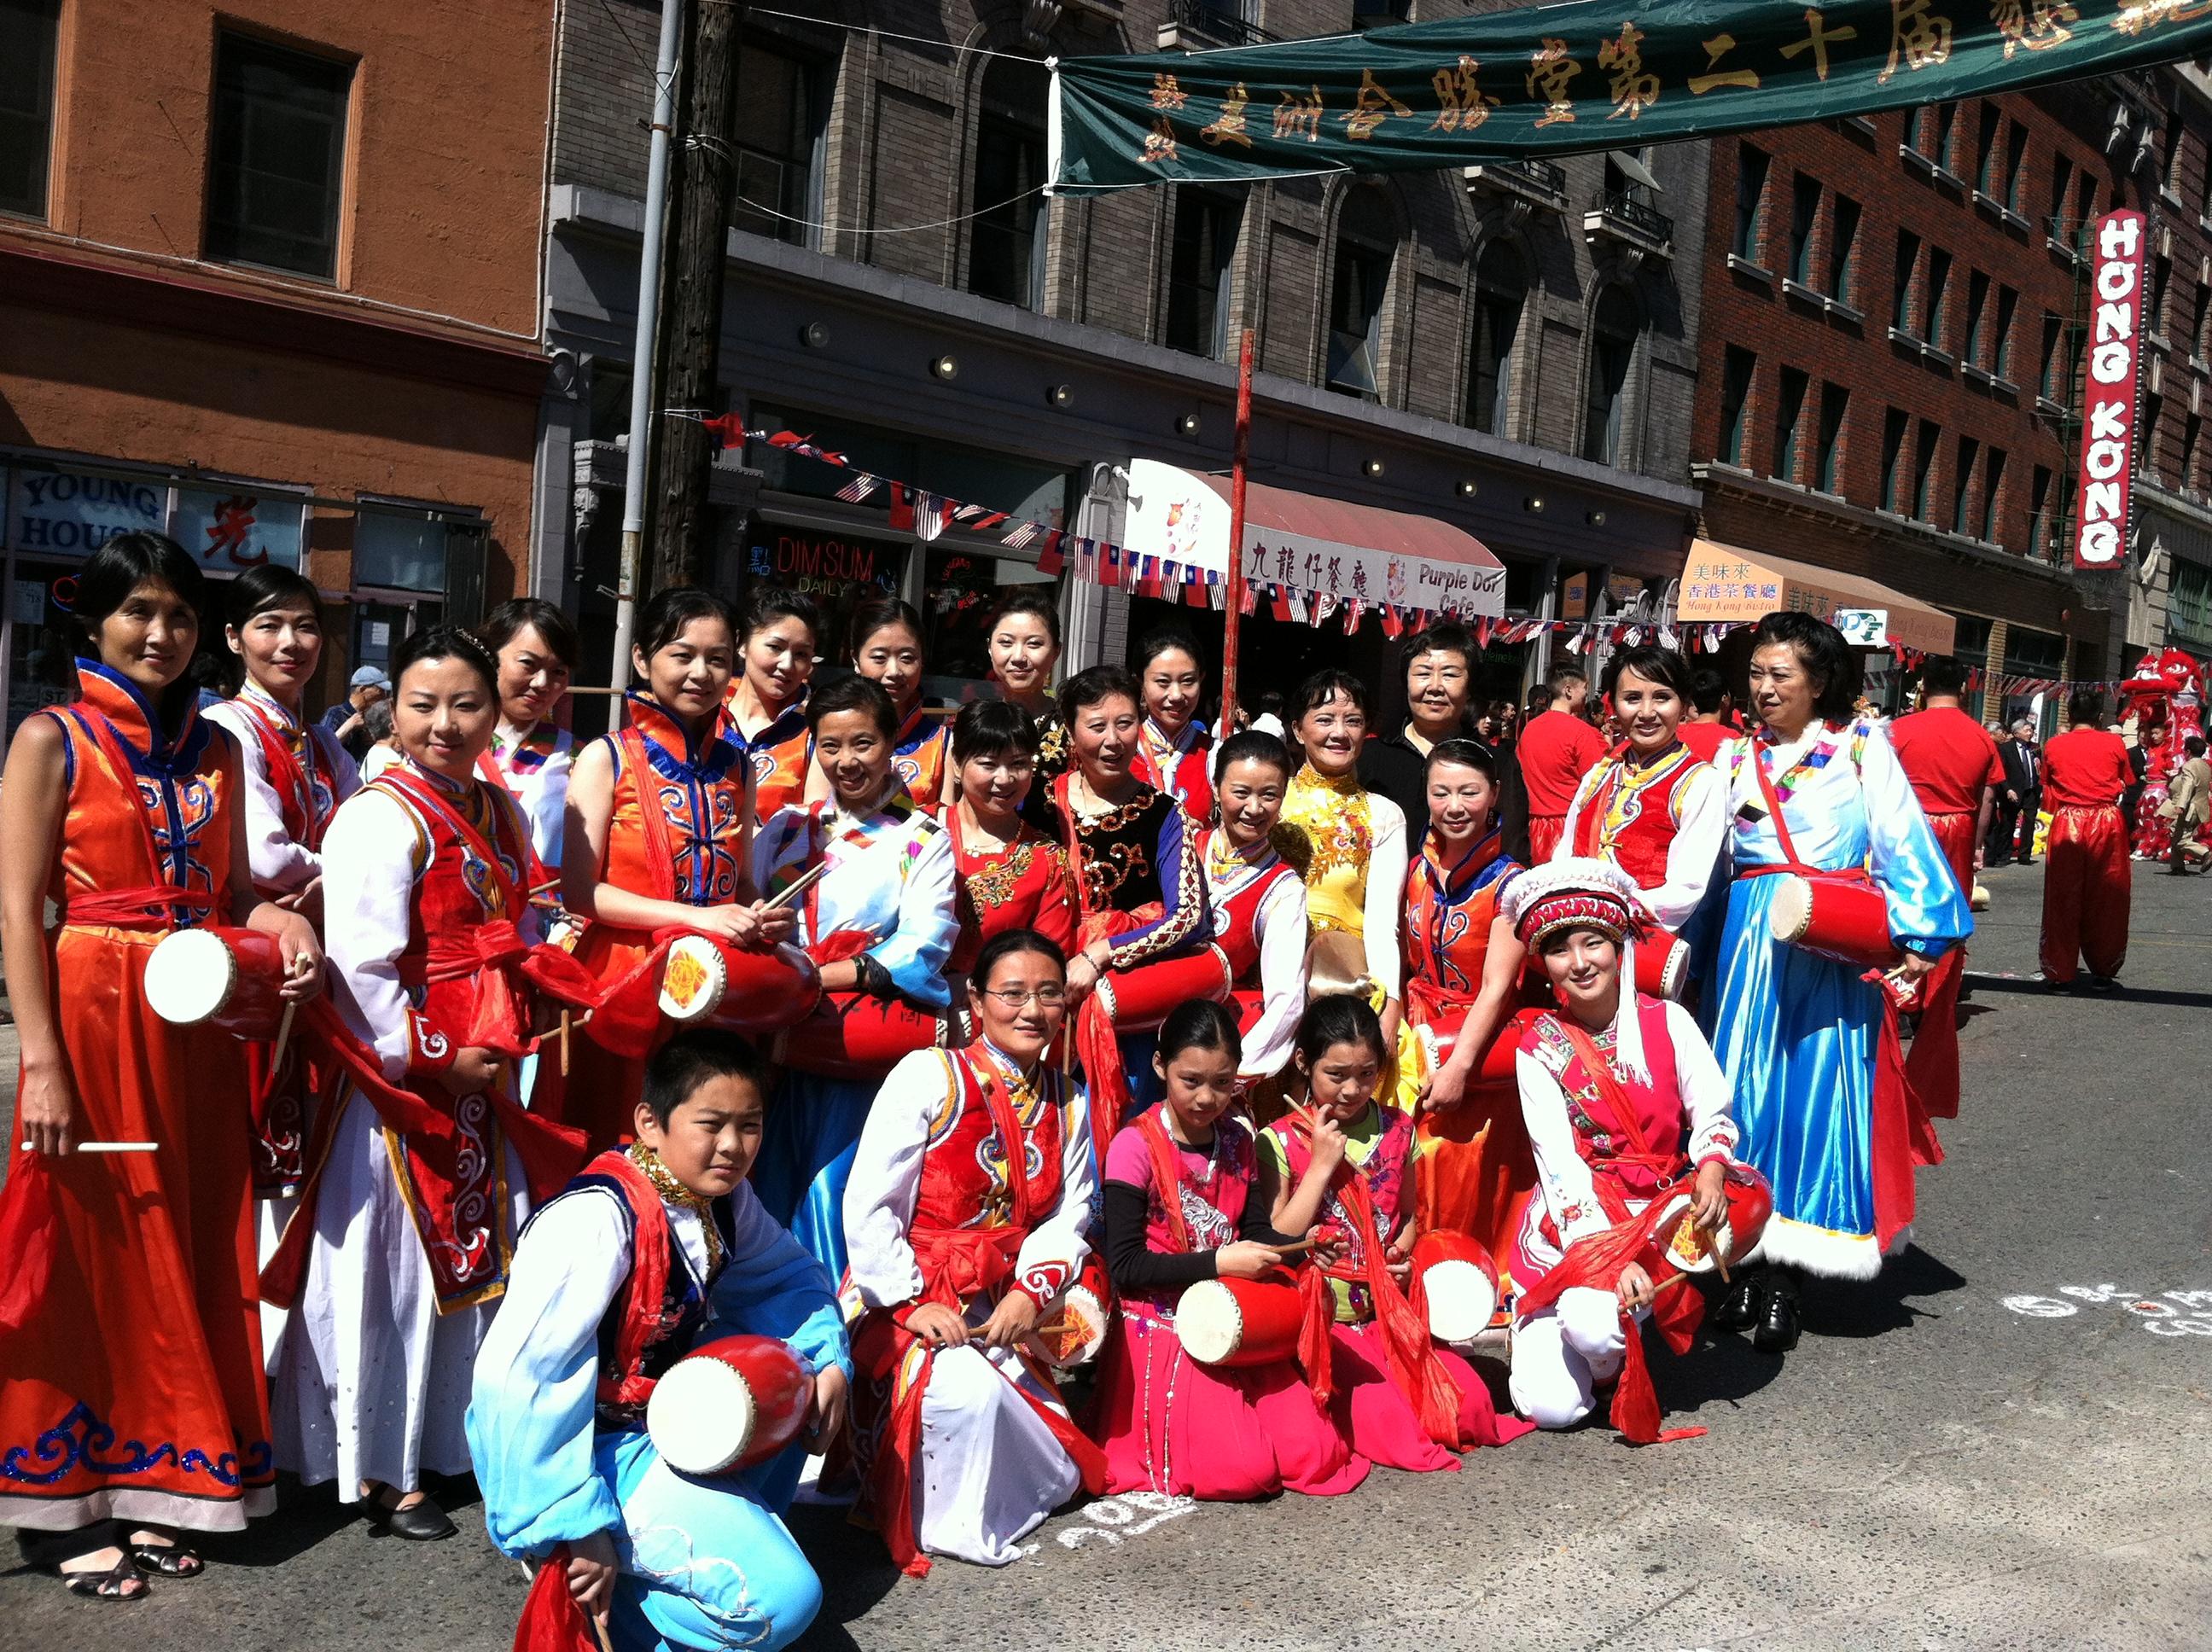 2012 Chinatown Seafair Parade Image 220